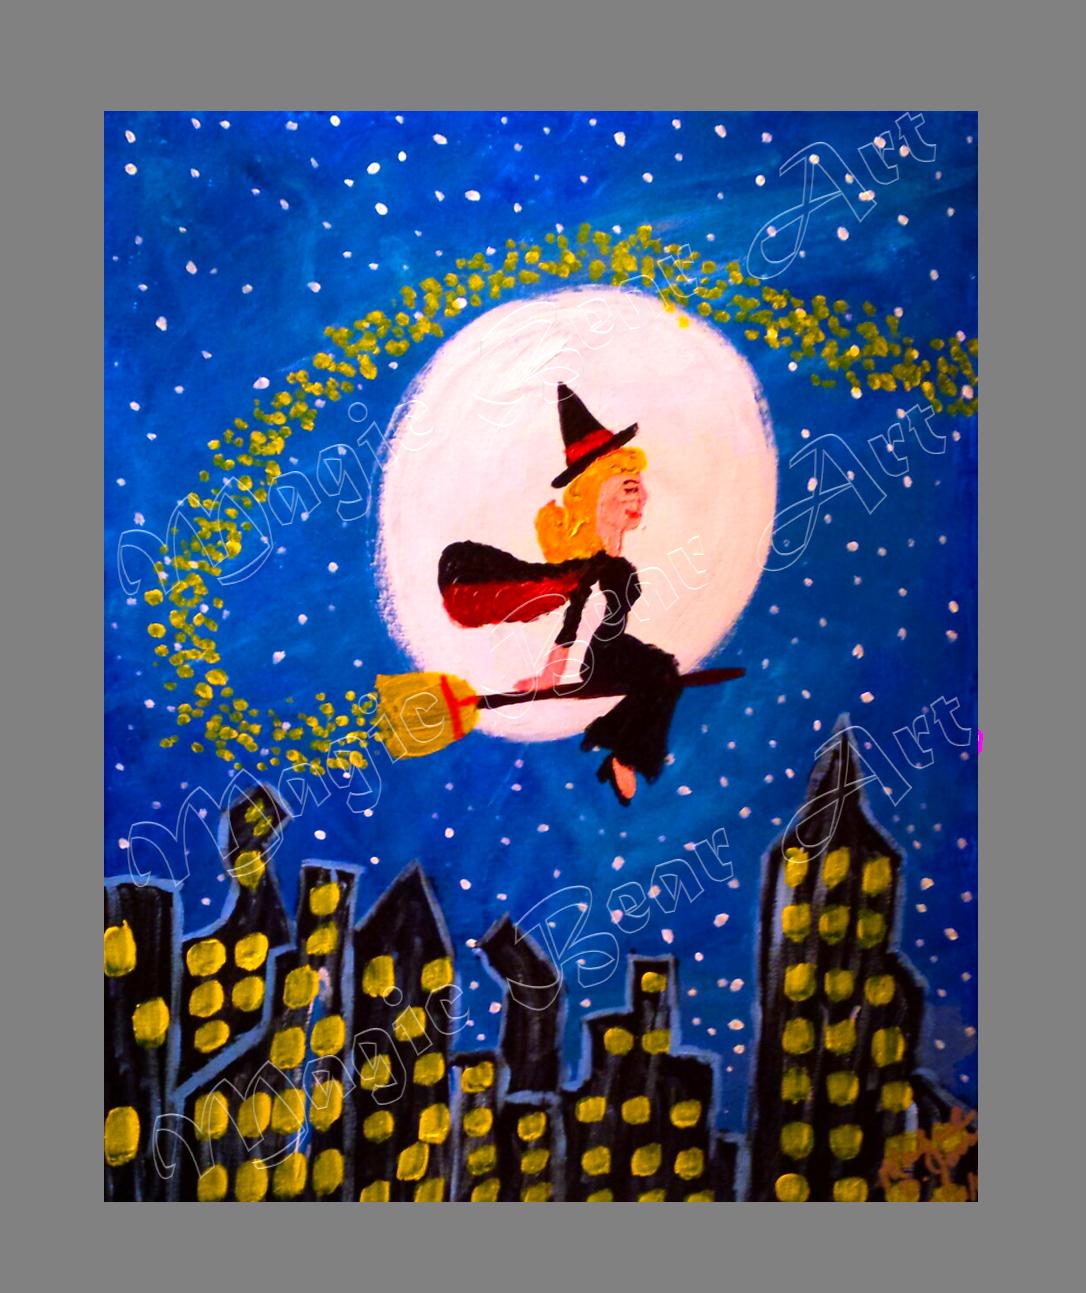 Samantha's Midnight Flight